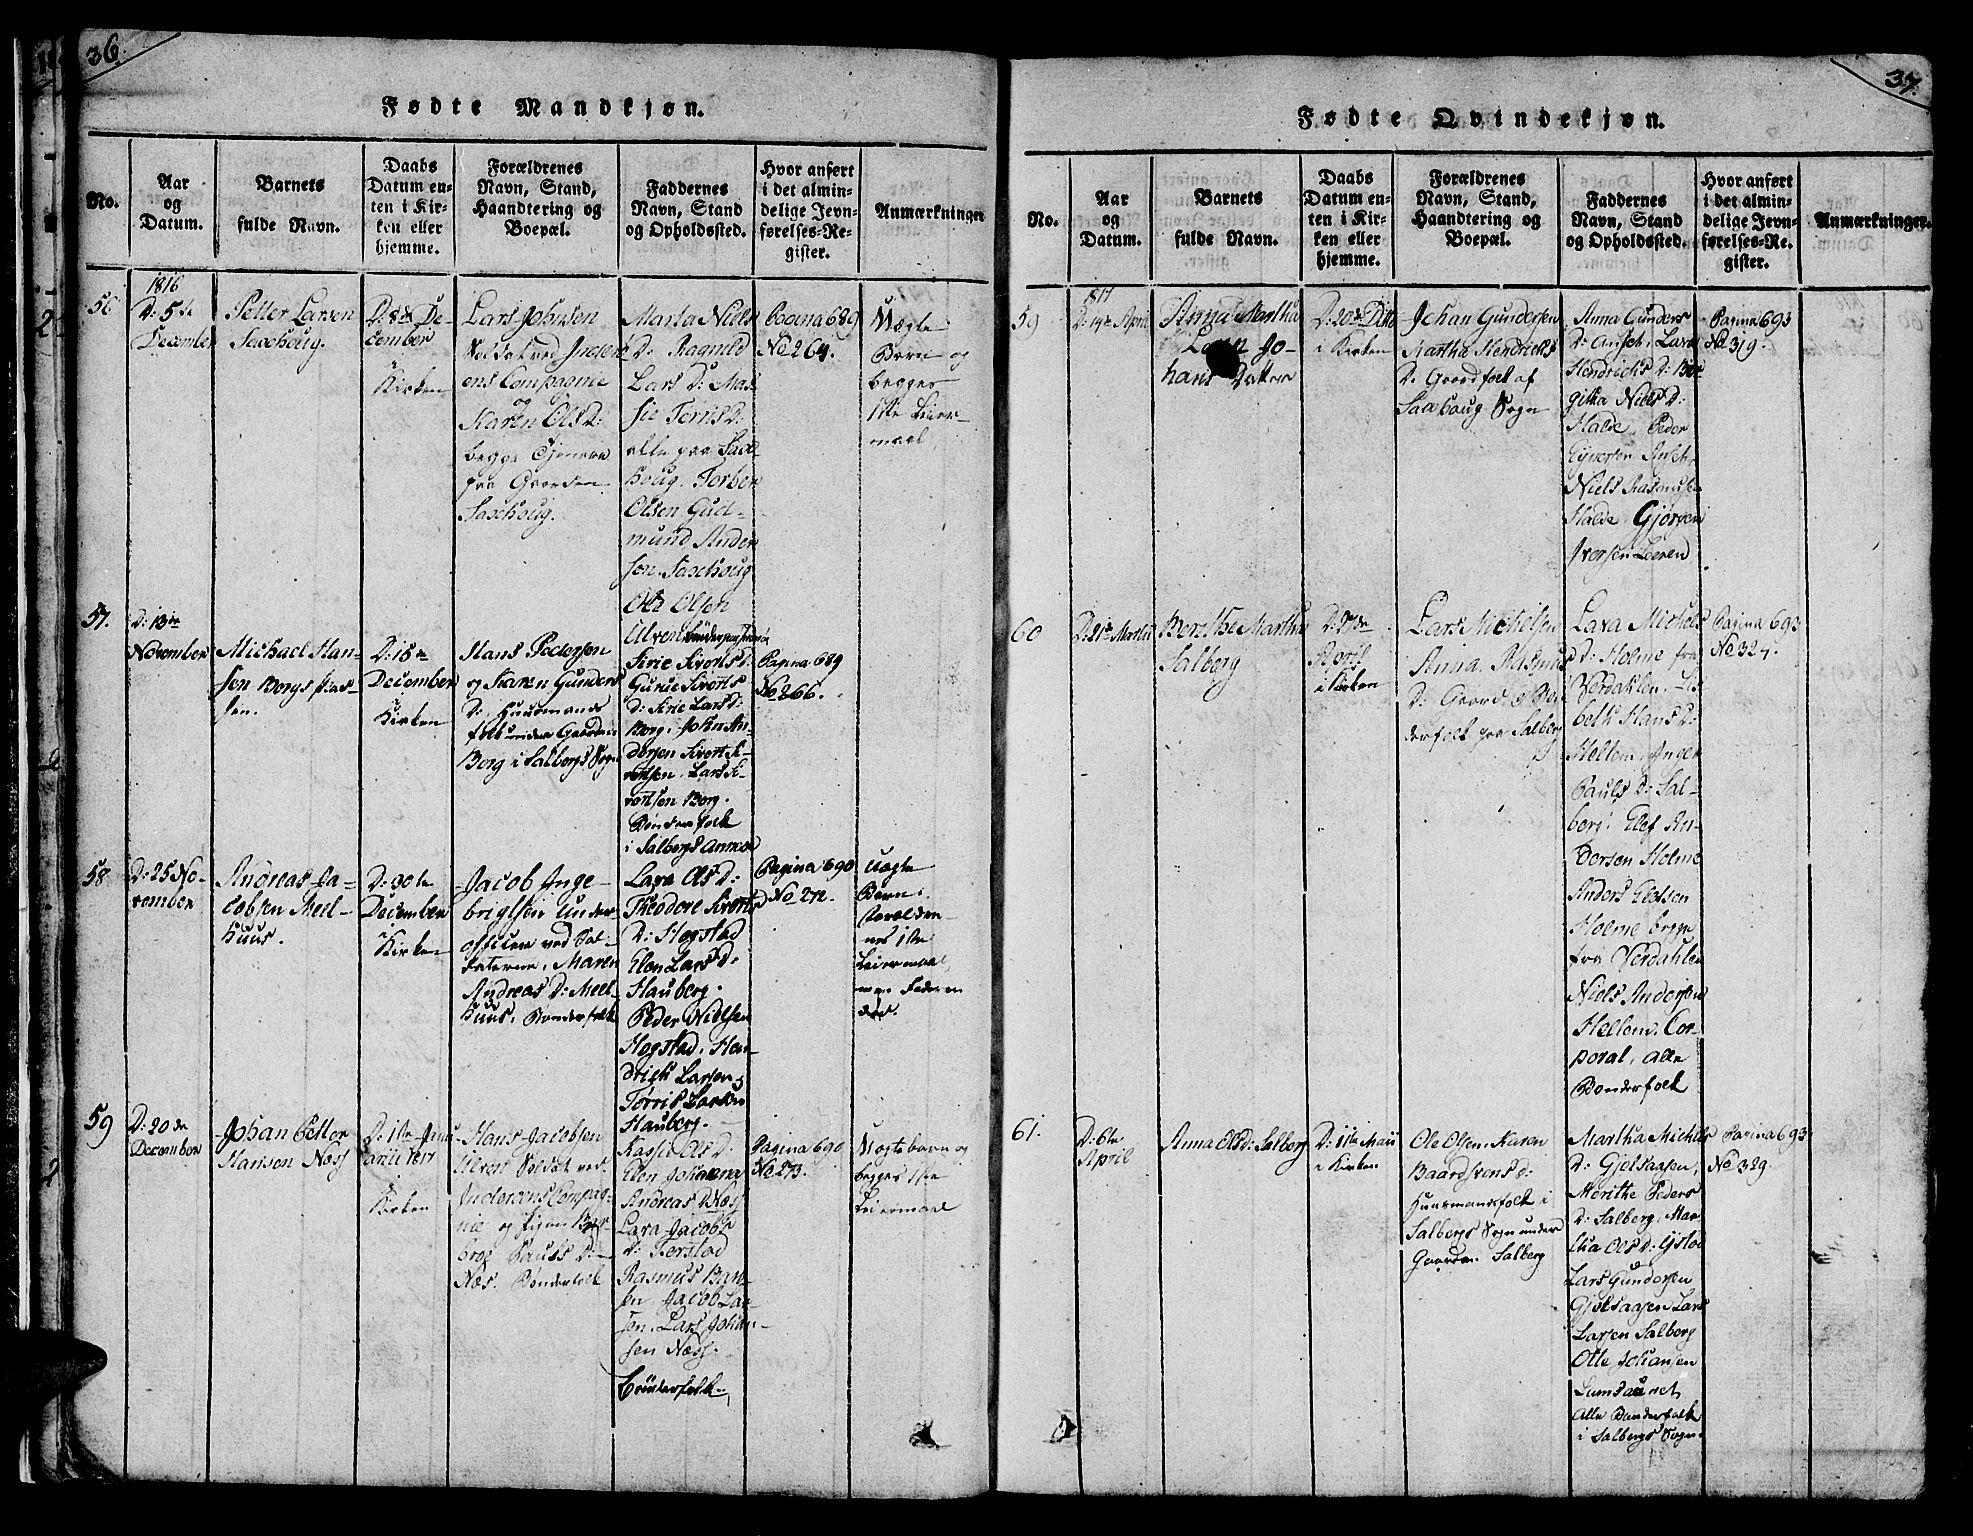 SAT, Ministerialprotokoller, klokkerbøker og fødselsregistre - Nord-Trøndelag, 730/L0275: Ministerialbok nr. 730A04, 1816-1822, s. 36-37